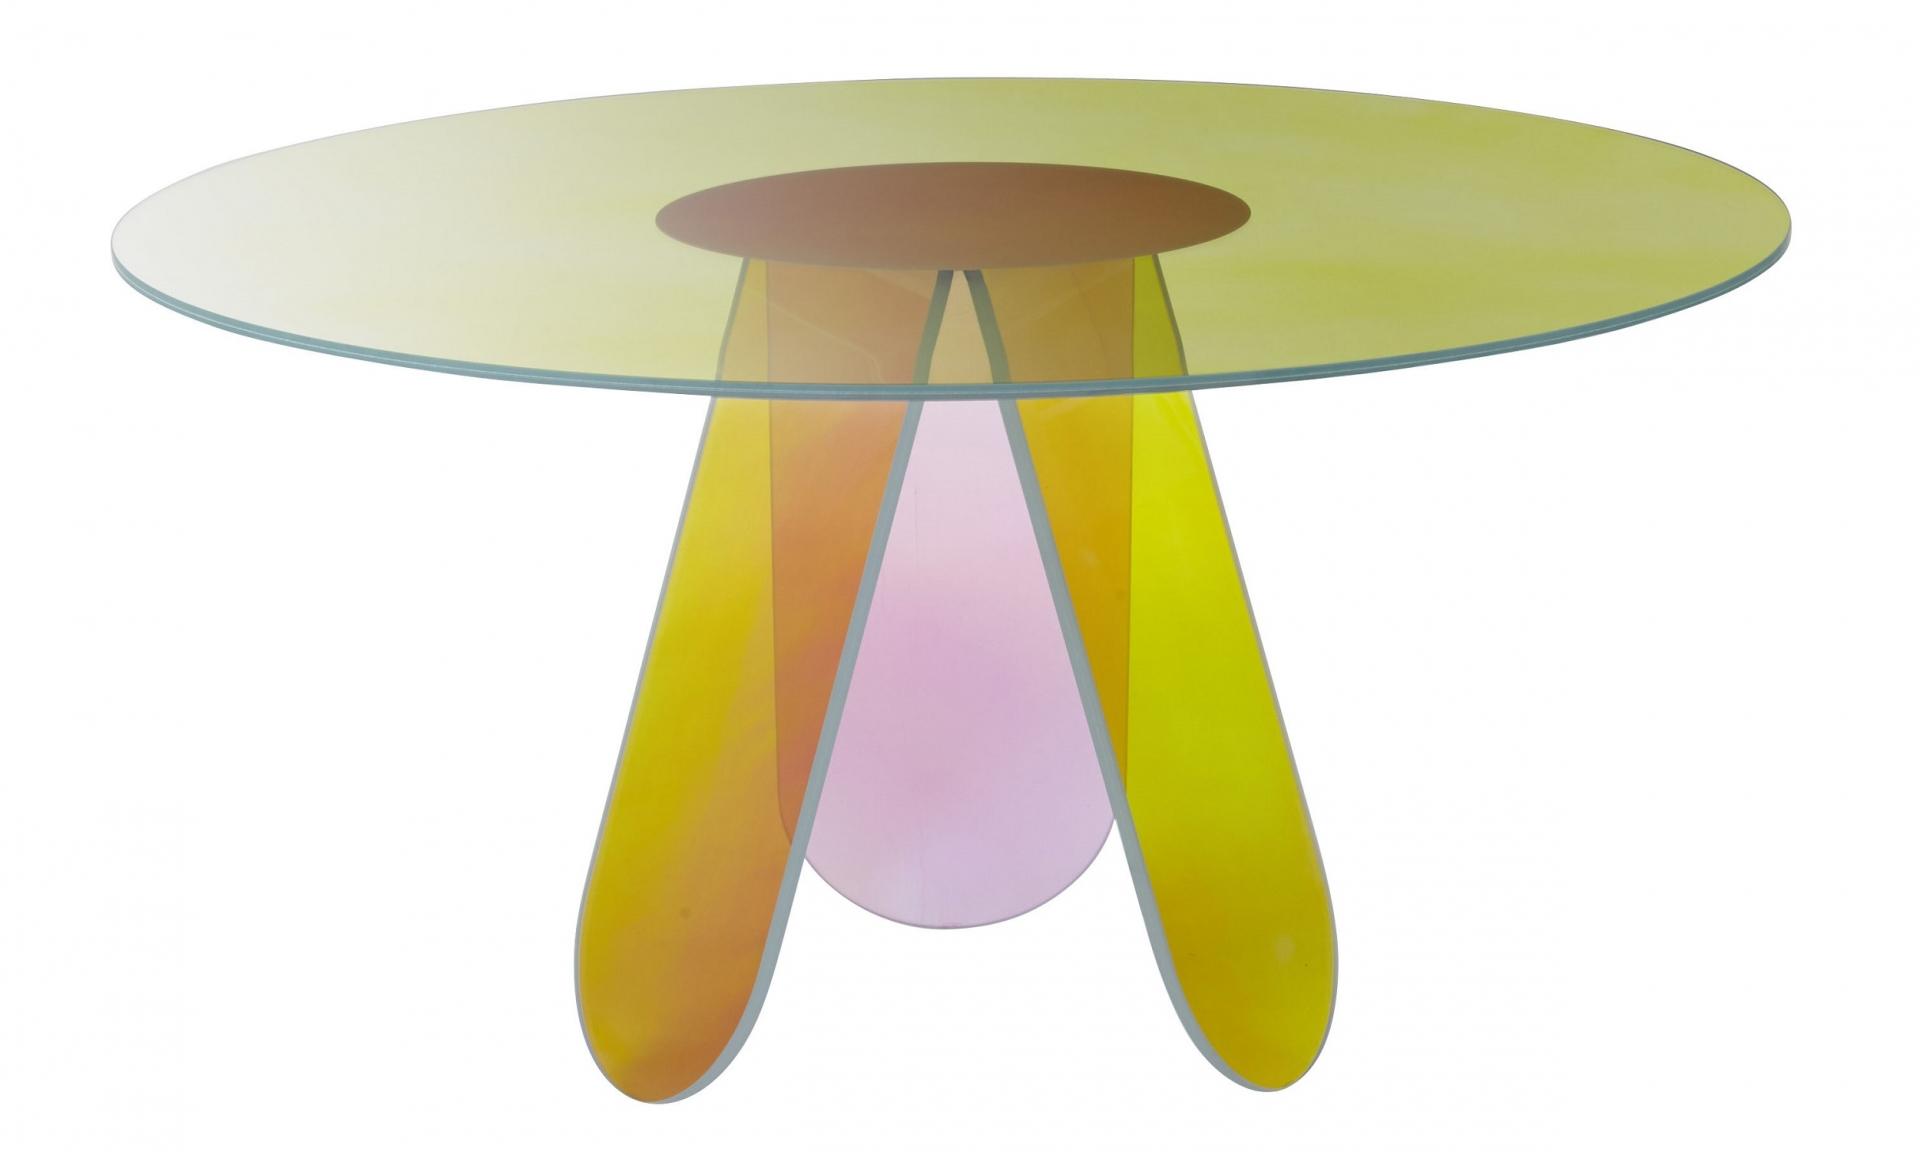 Glas Italia designové jídelní stoly Shimmer (průměr 120 cm)